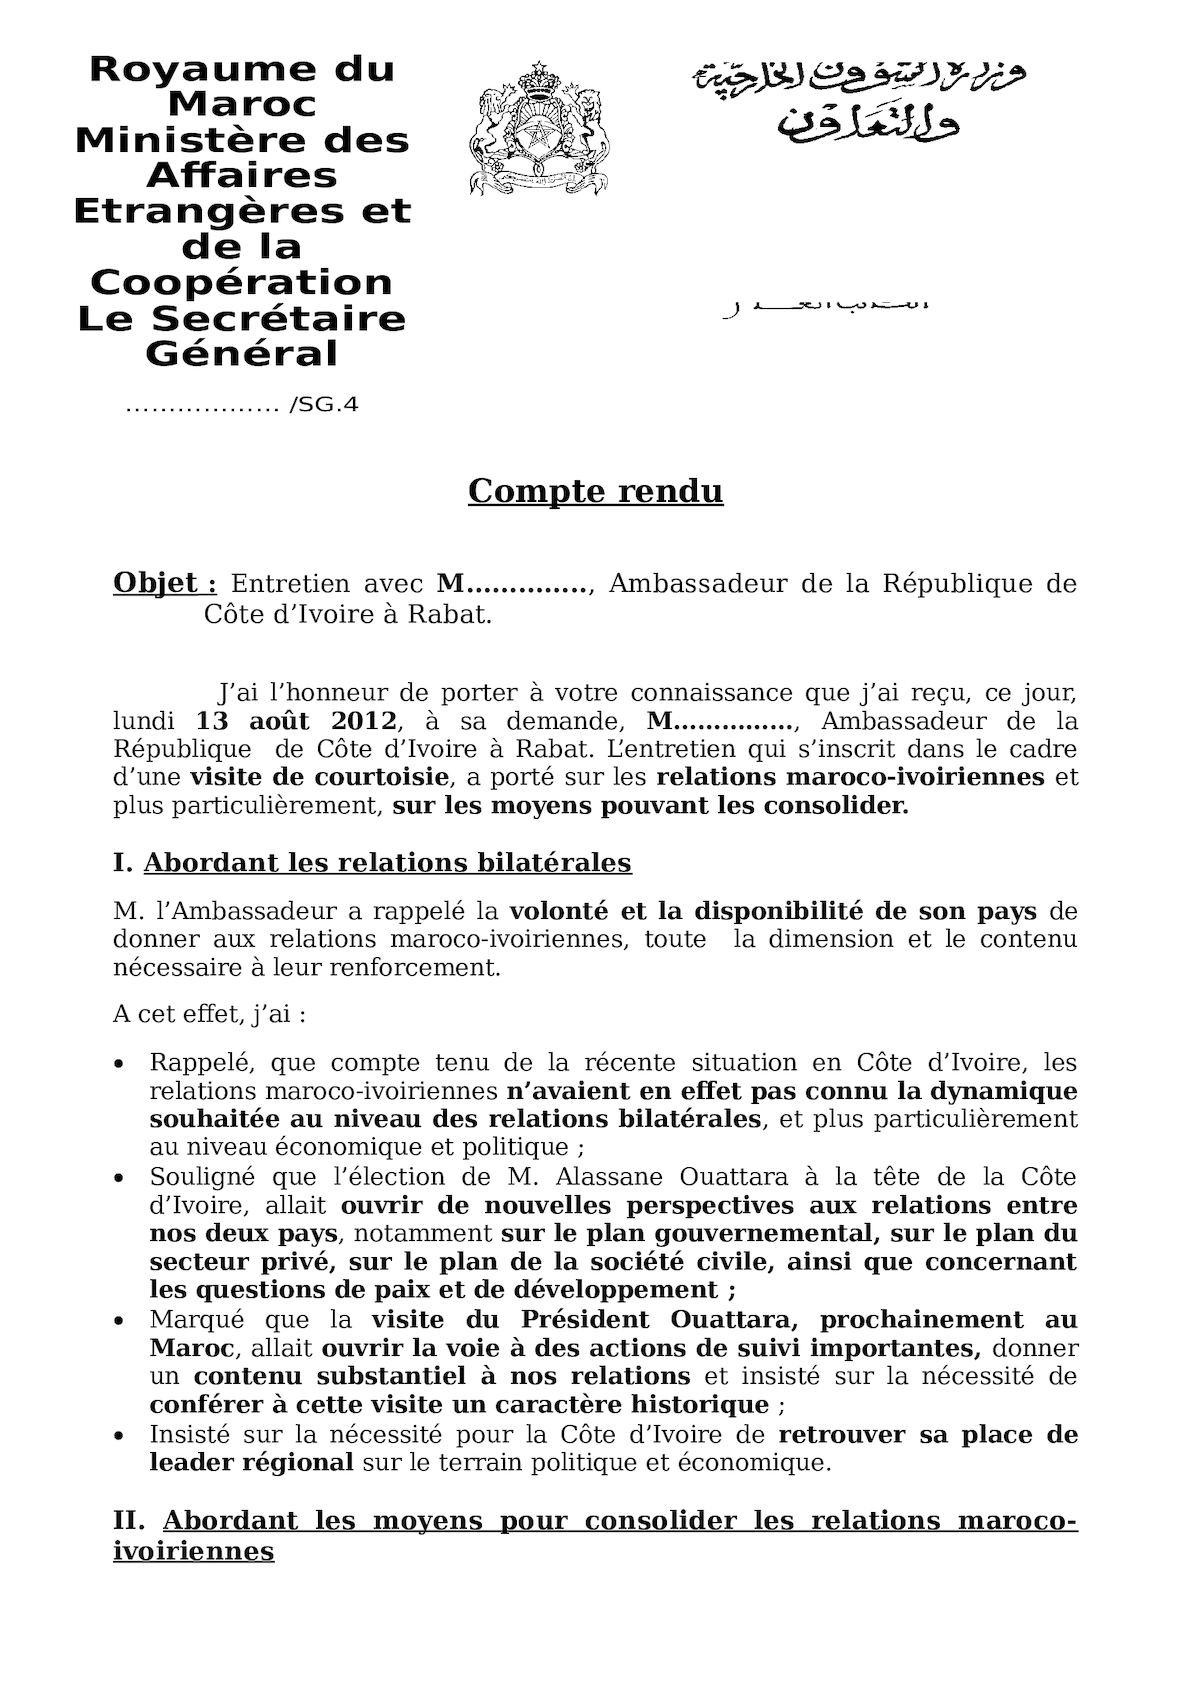 Compte Rendu Ambassadeur Cote D'ivoire